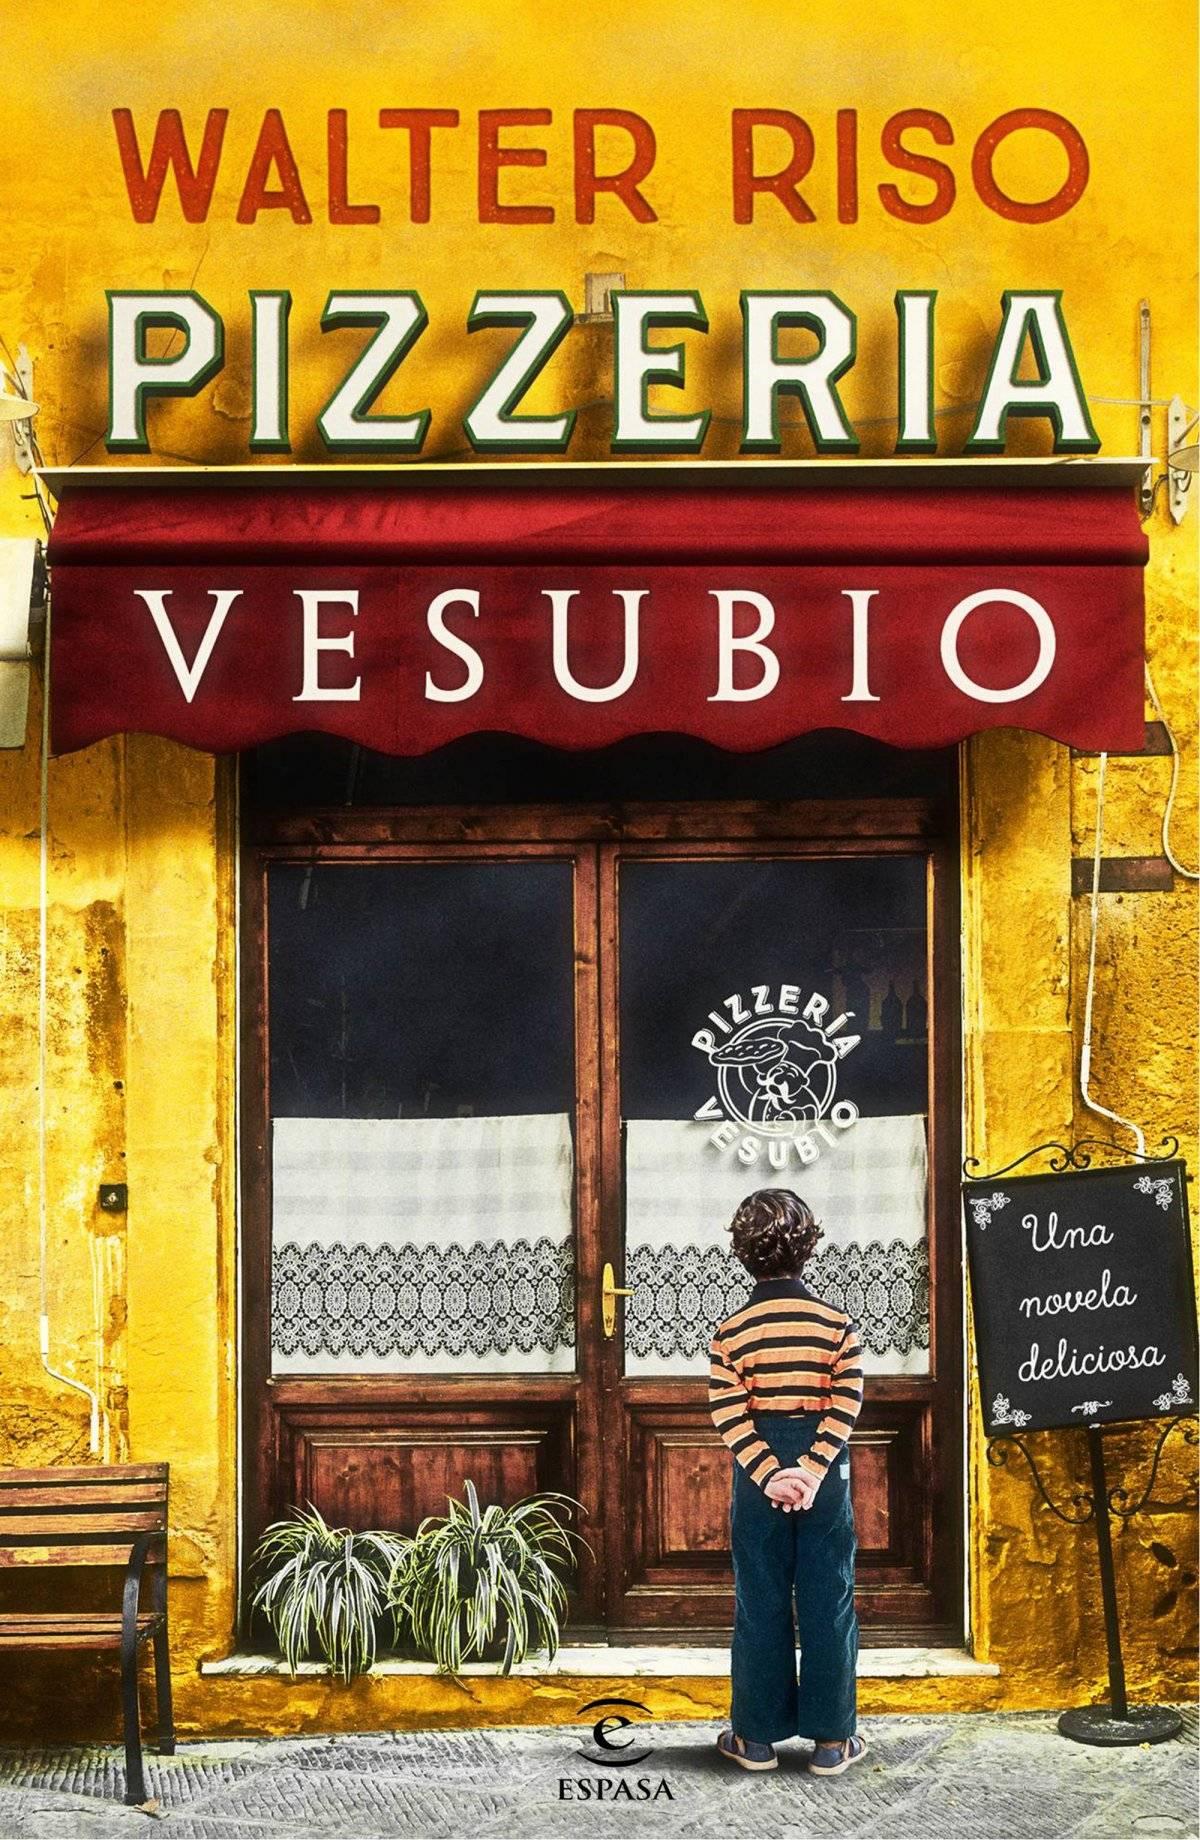 Walter Riso – Pizzería Vesubio